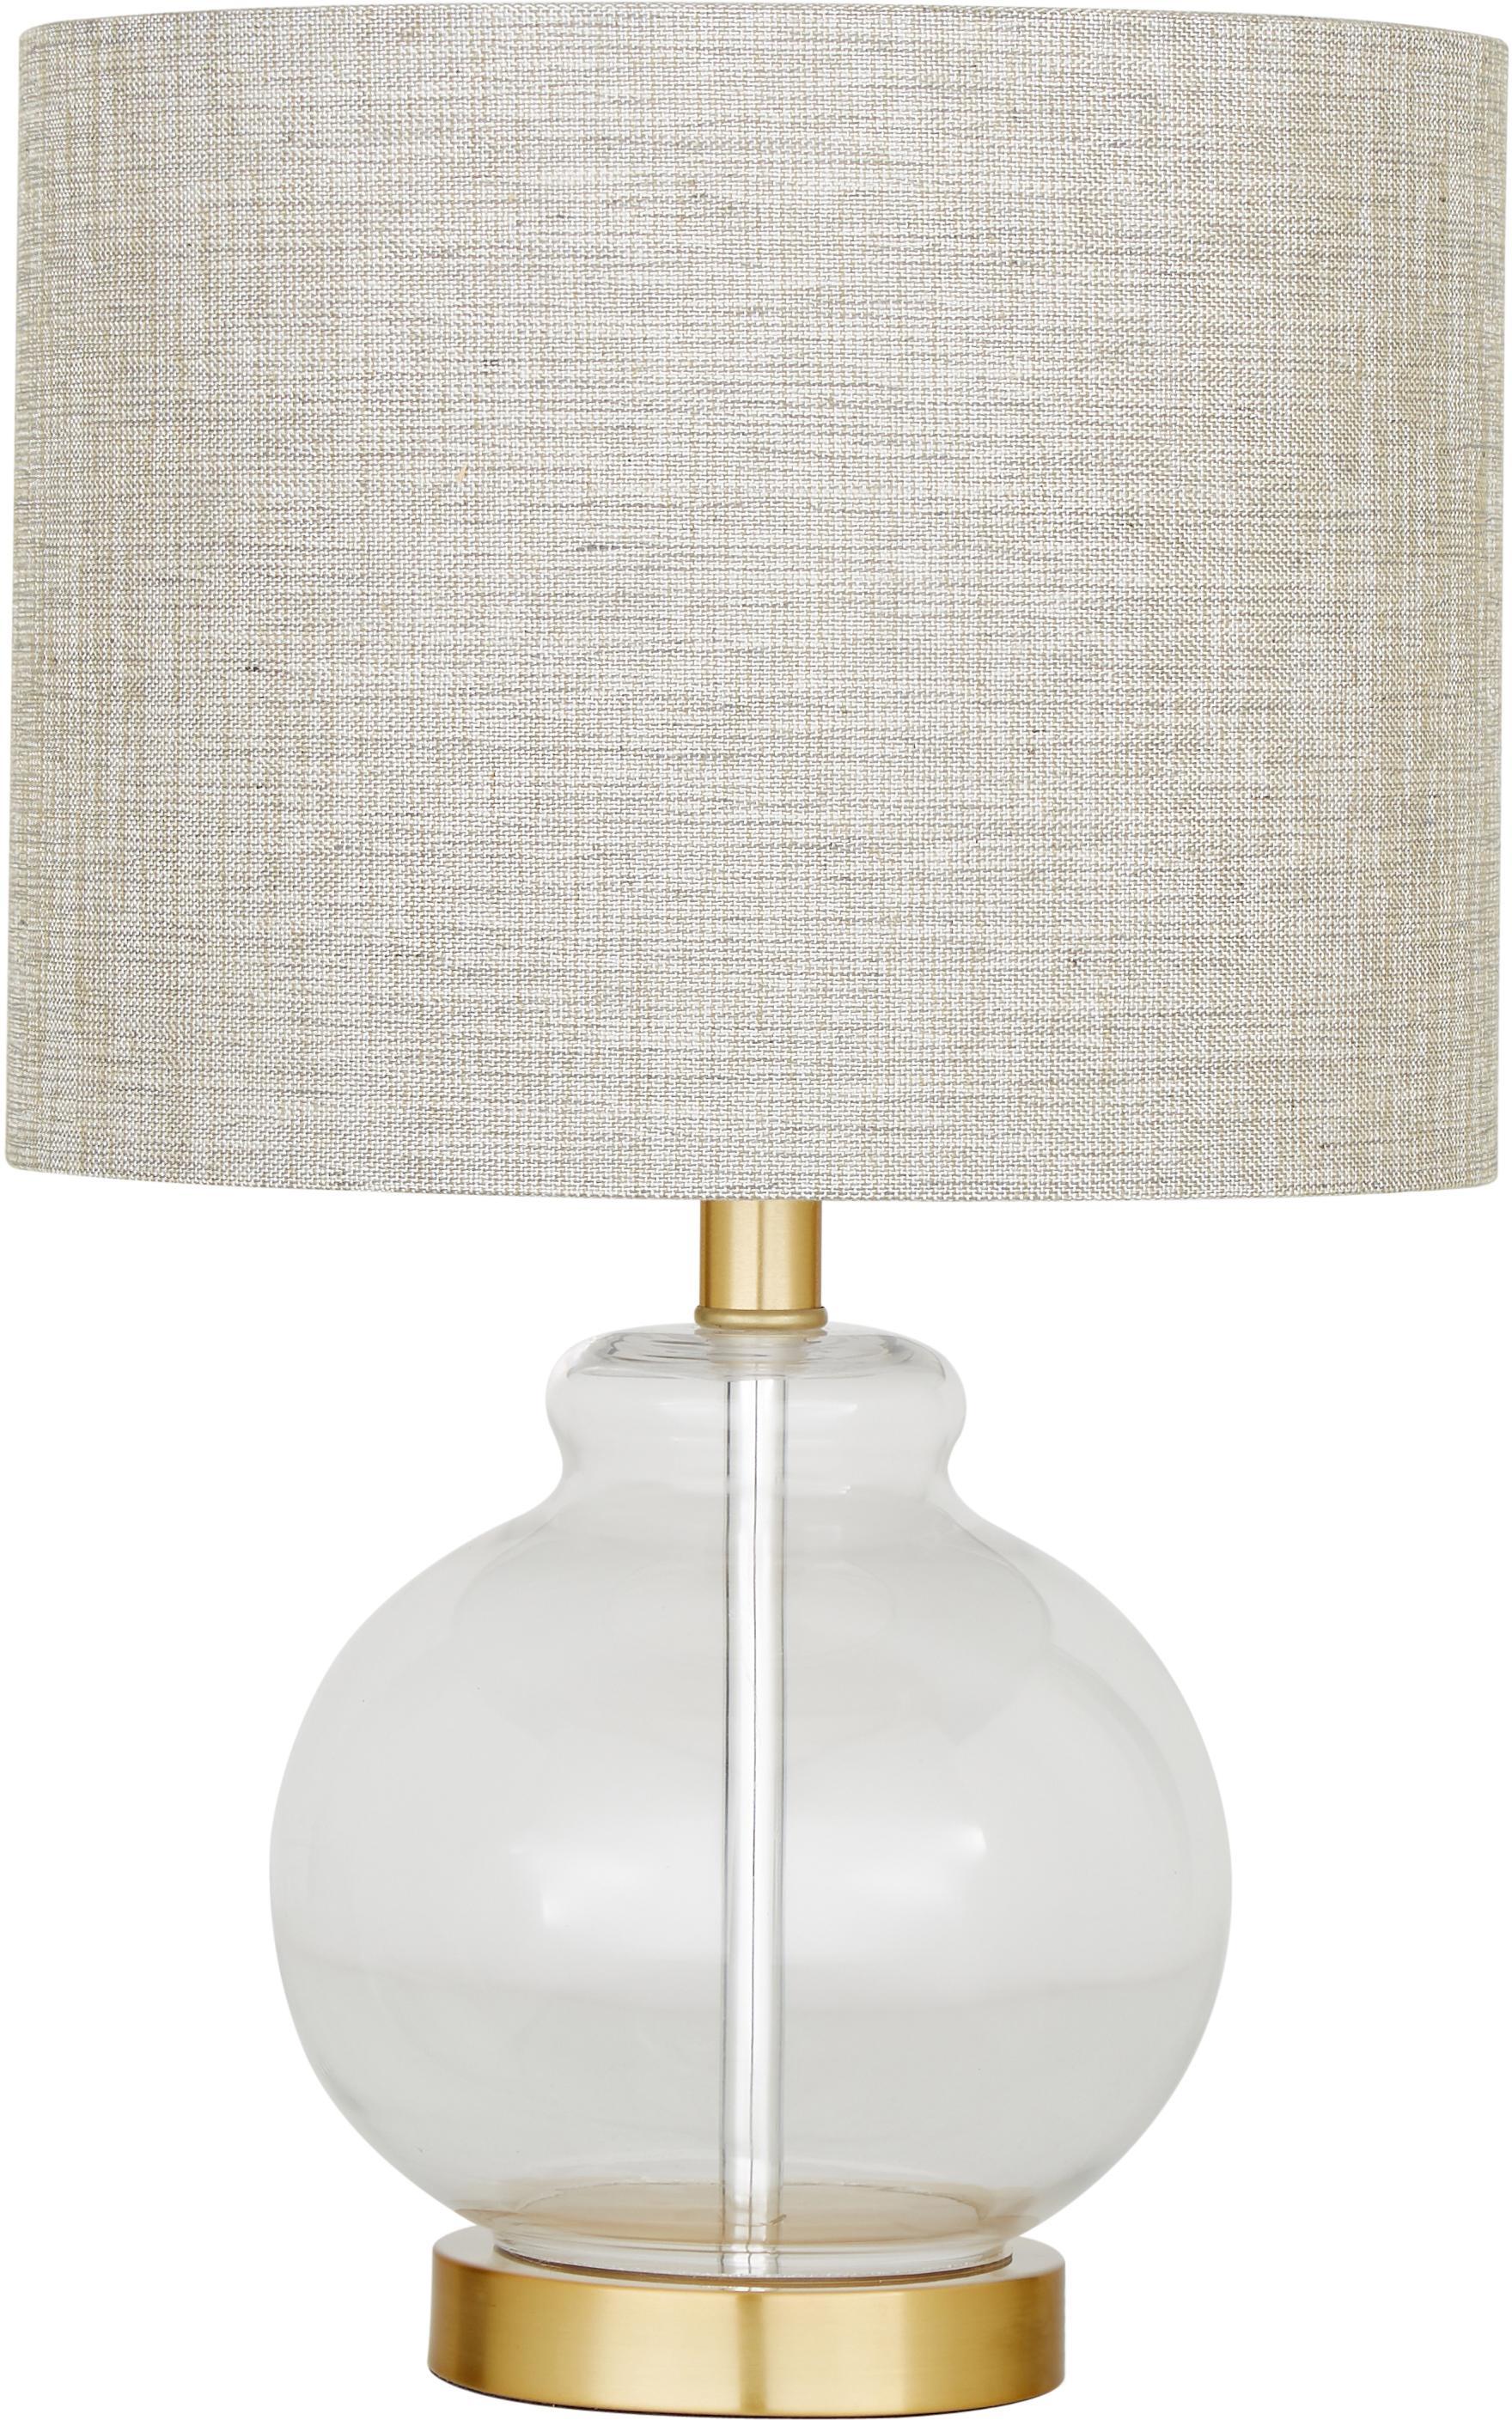 Lampada da tavolo Natty, Paralume: tessuto, Base della lampada: vetro, ottone spazzolato, Taupe, trasparente, Ø 31 x Alt. 48 cm